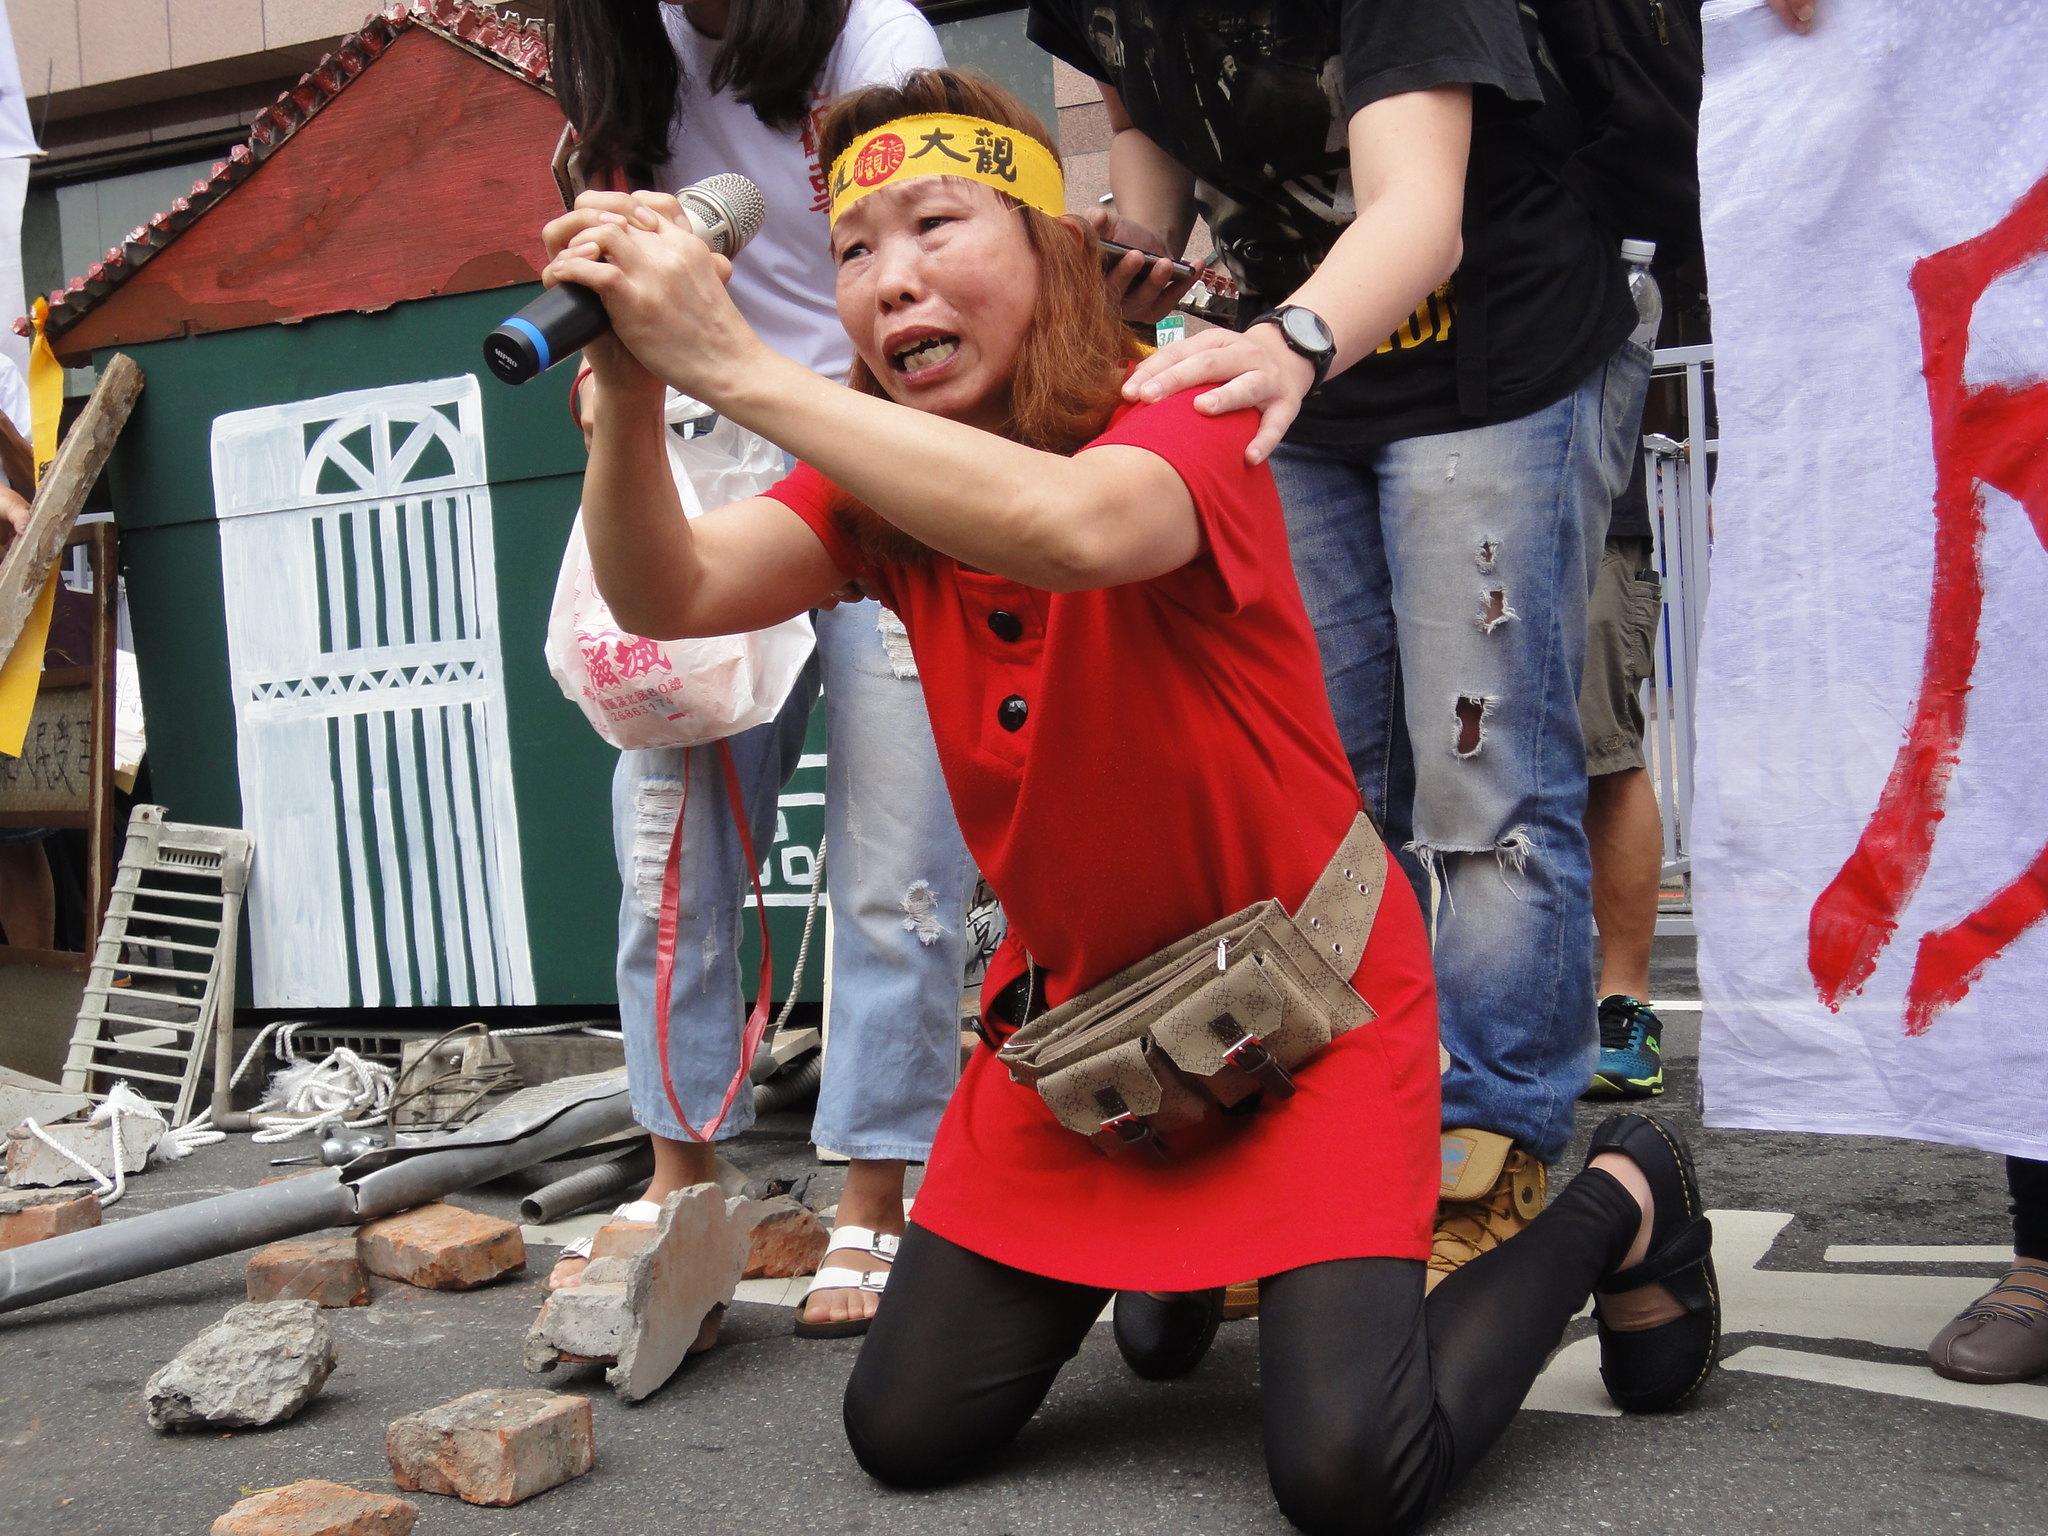 居民湯家梅在民進黨部前下跪,請求政府不要讓她無家可歸。(攝影:張智琦)